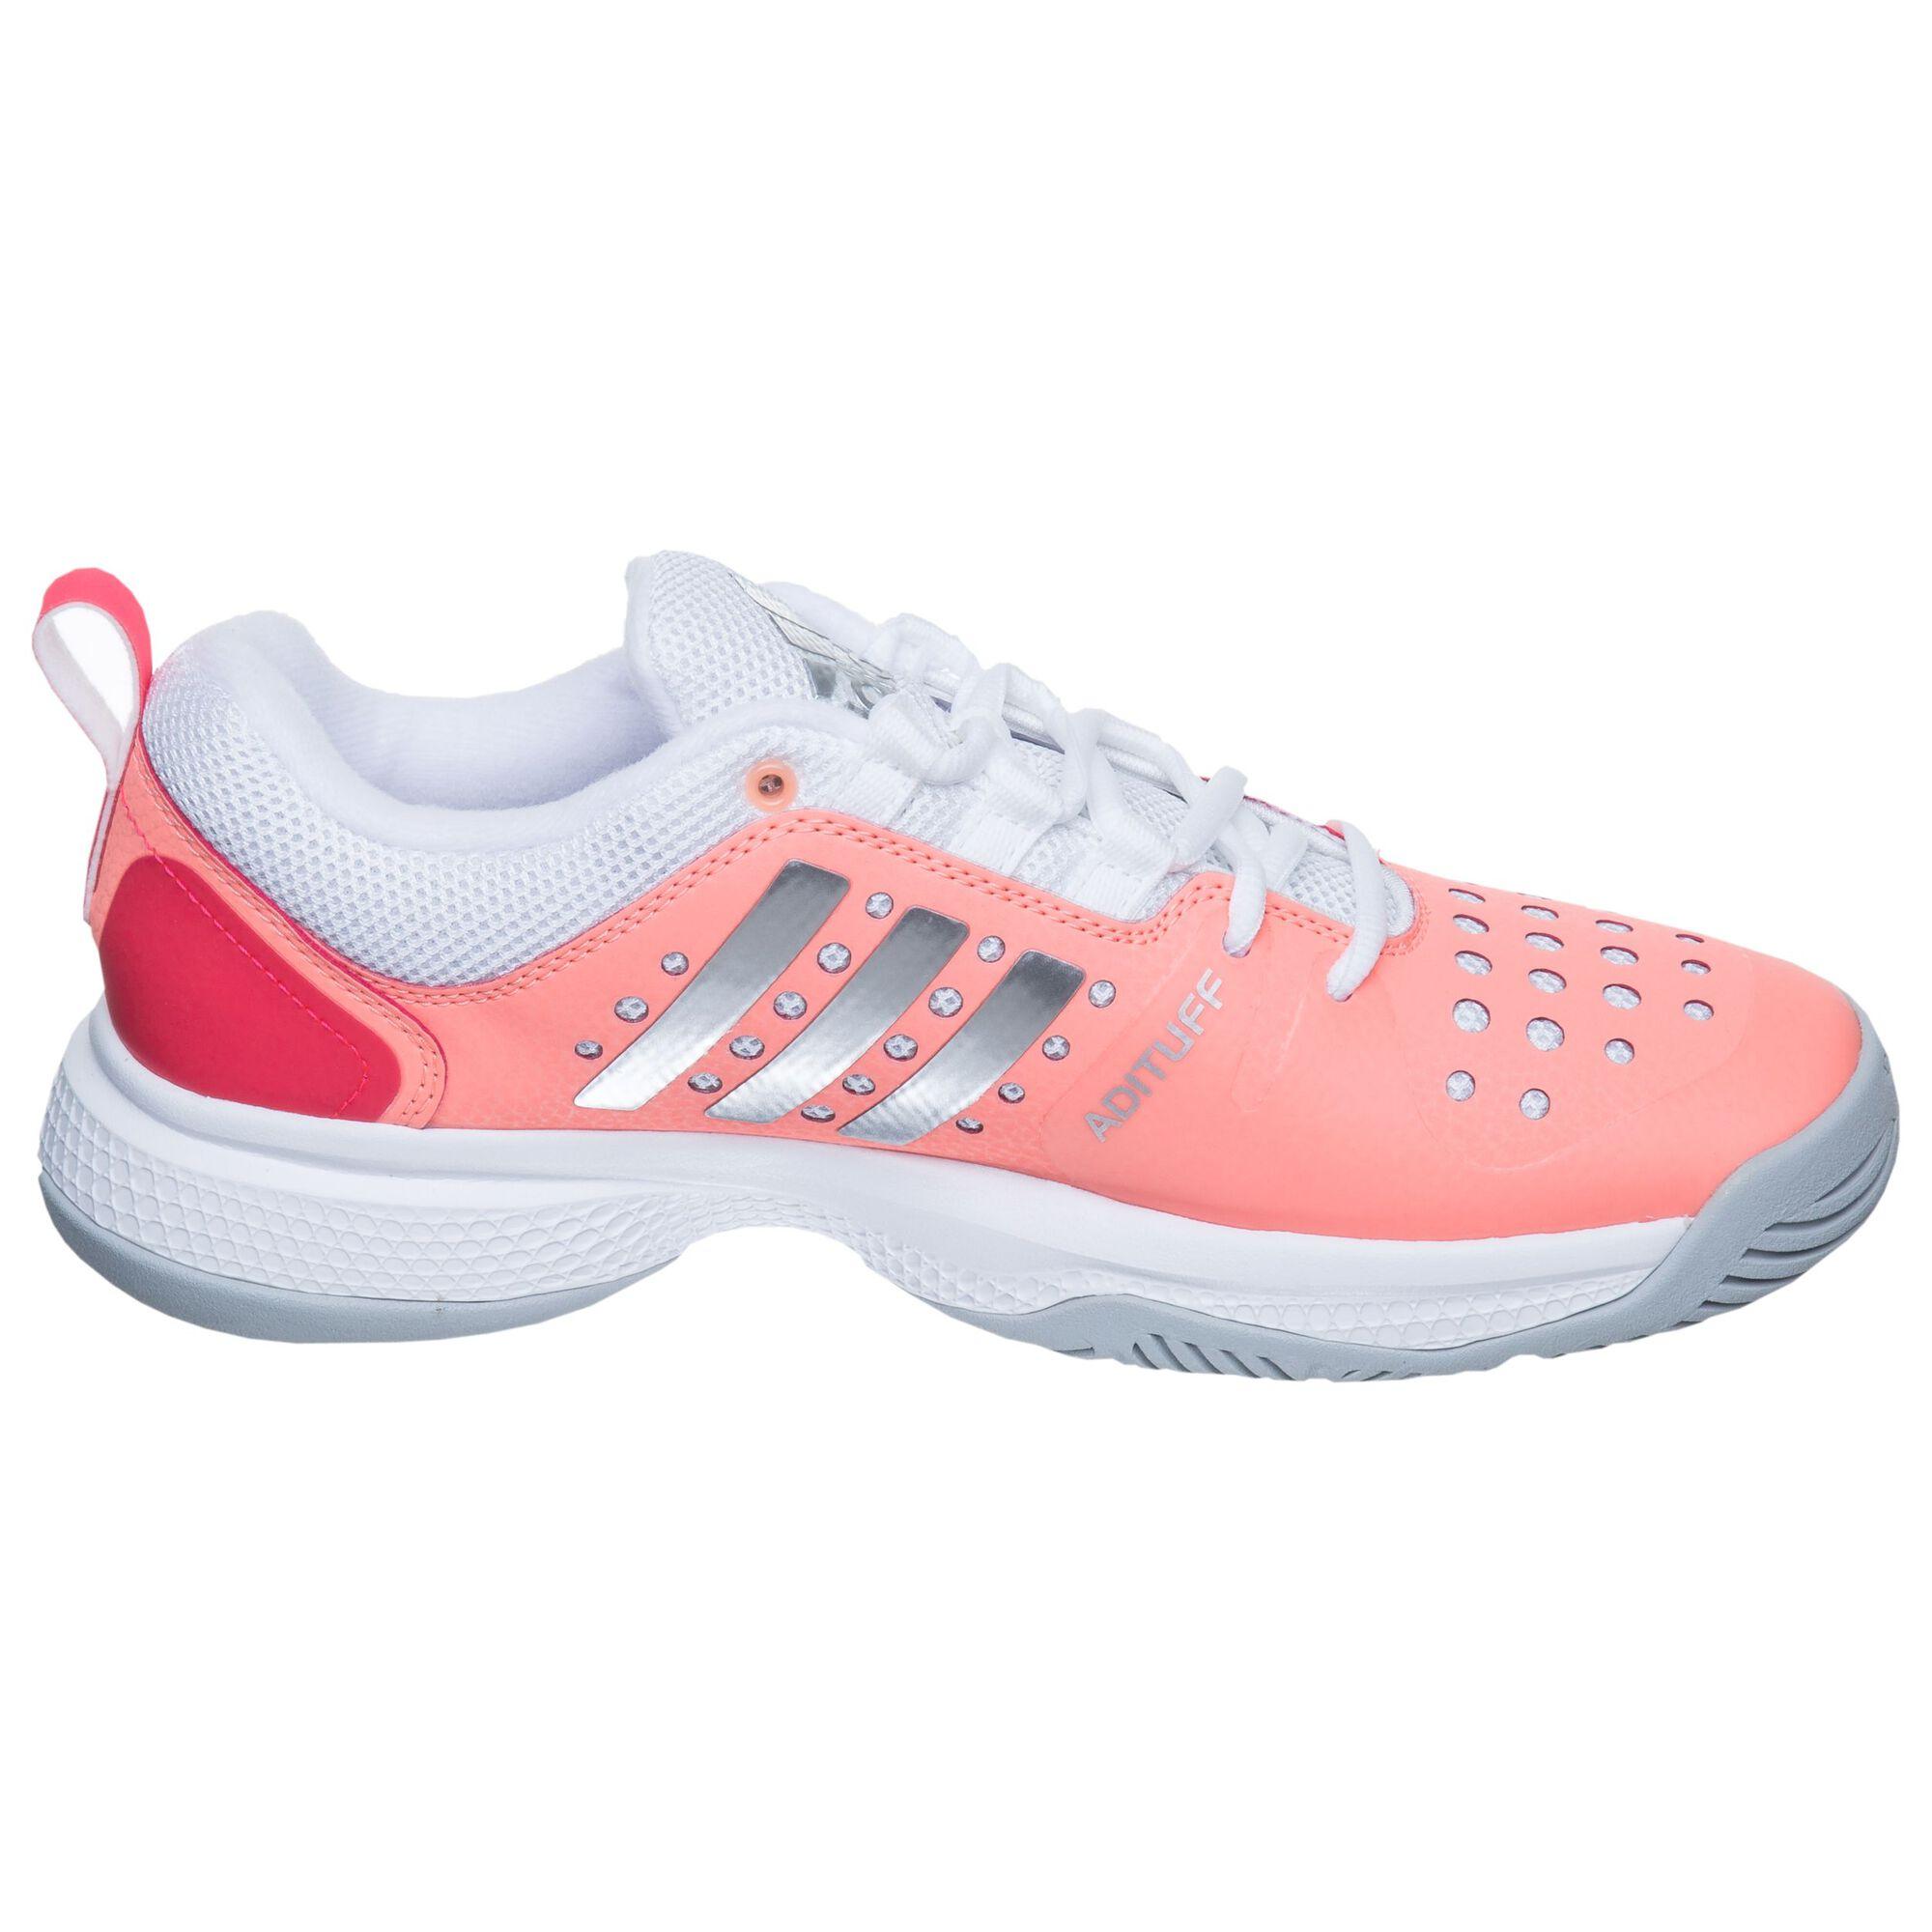 c4e8ed4960a8 adidas  adidas  adidas  adidas  adidas  adidas  adidas  adidas  adidas. Barricade  Classic Bounce Women ...